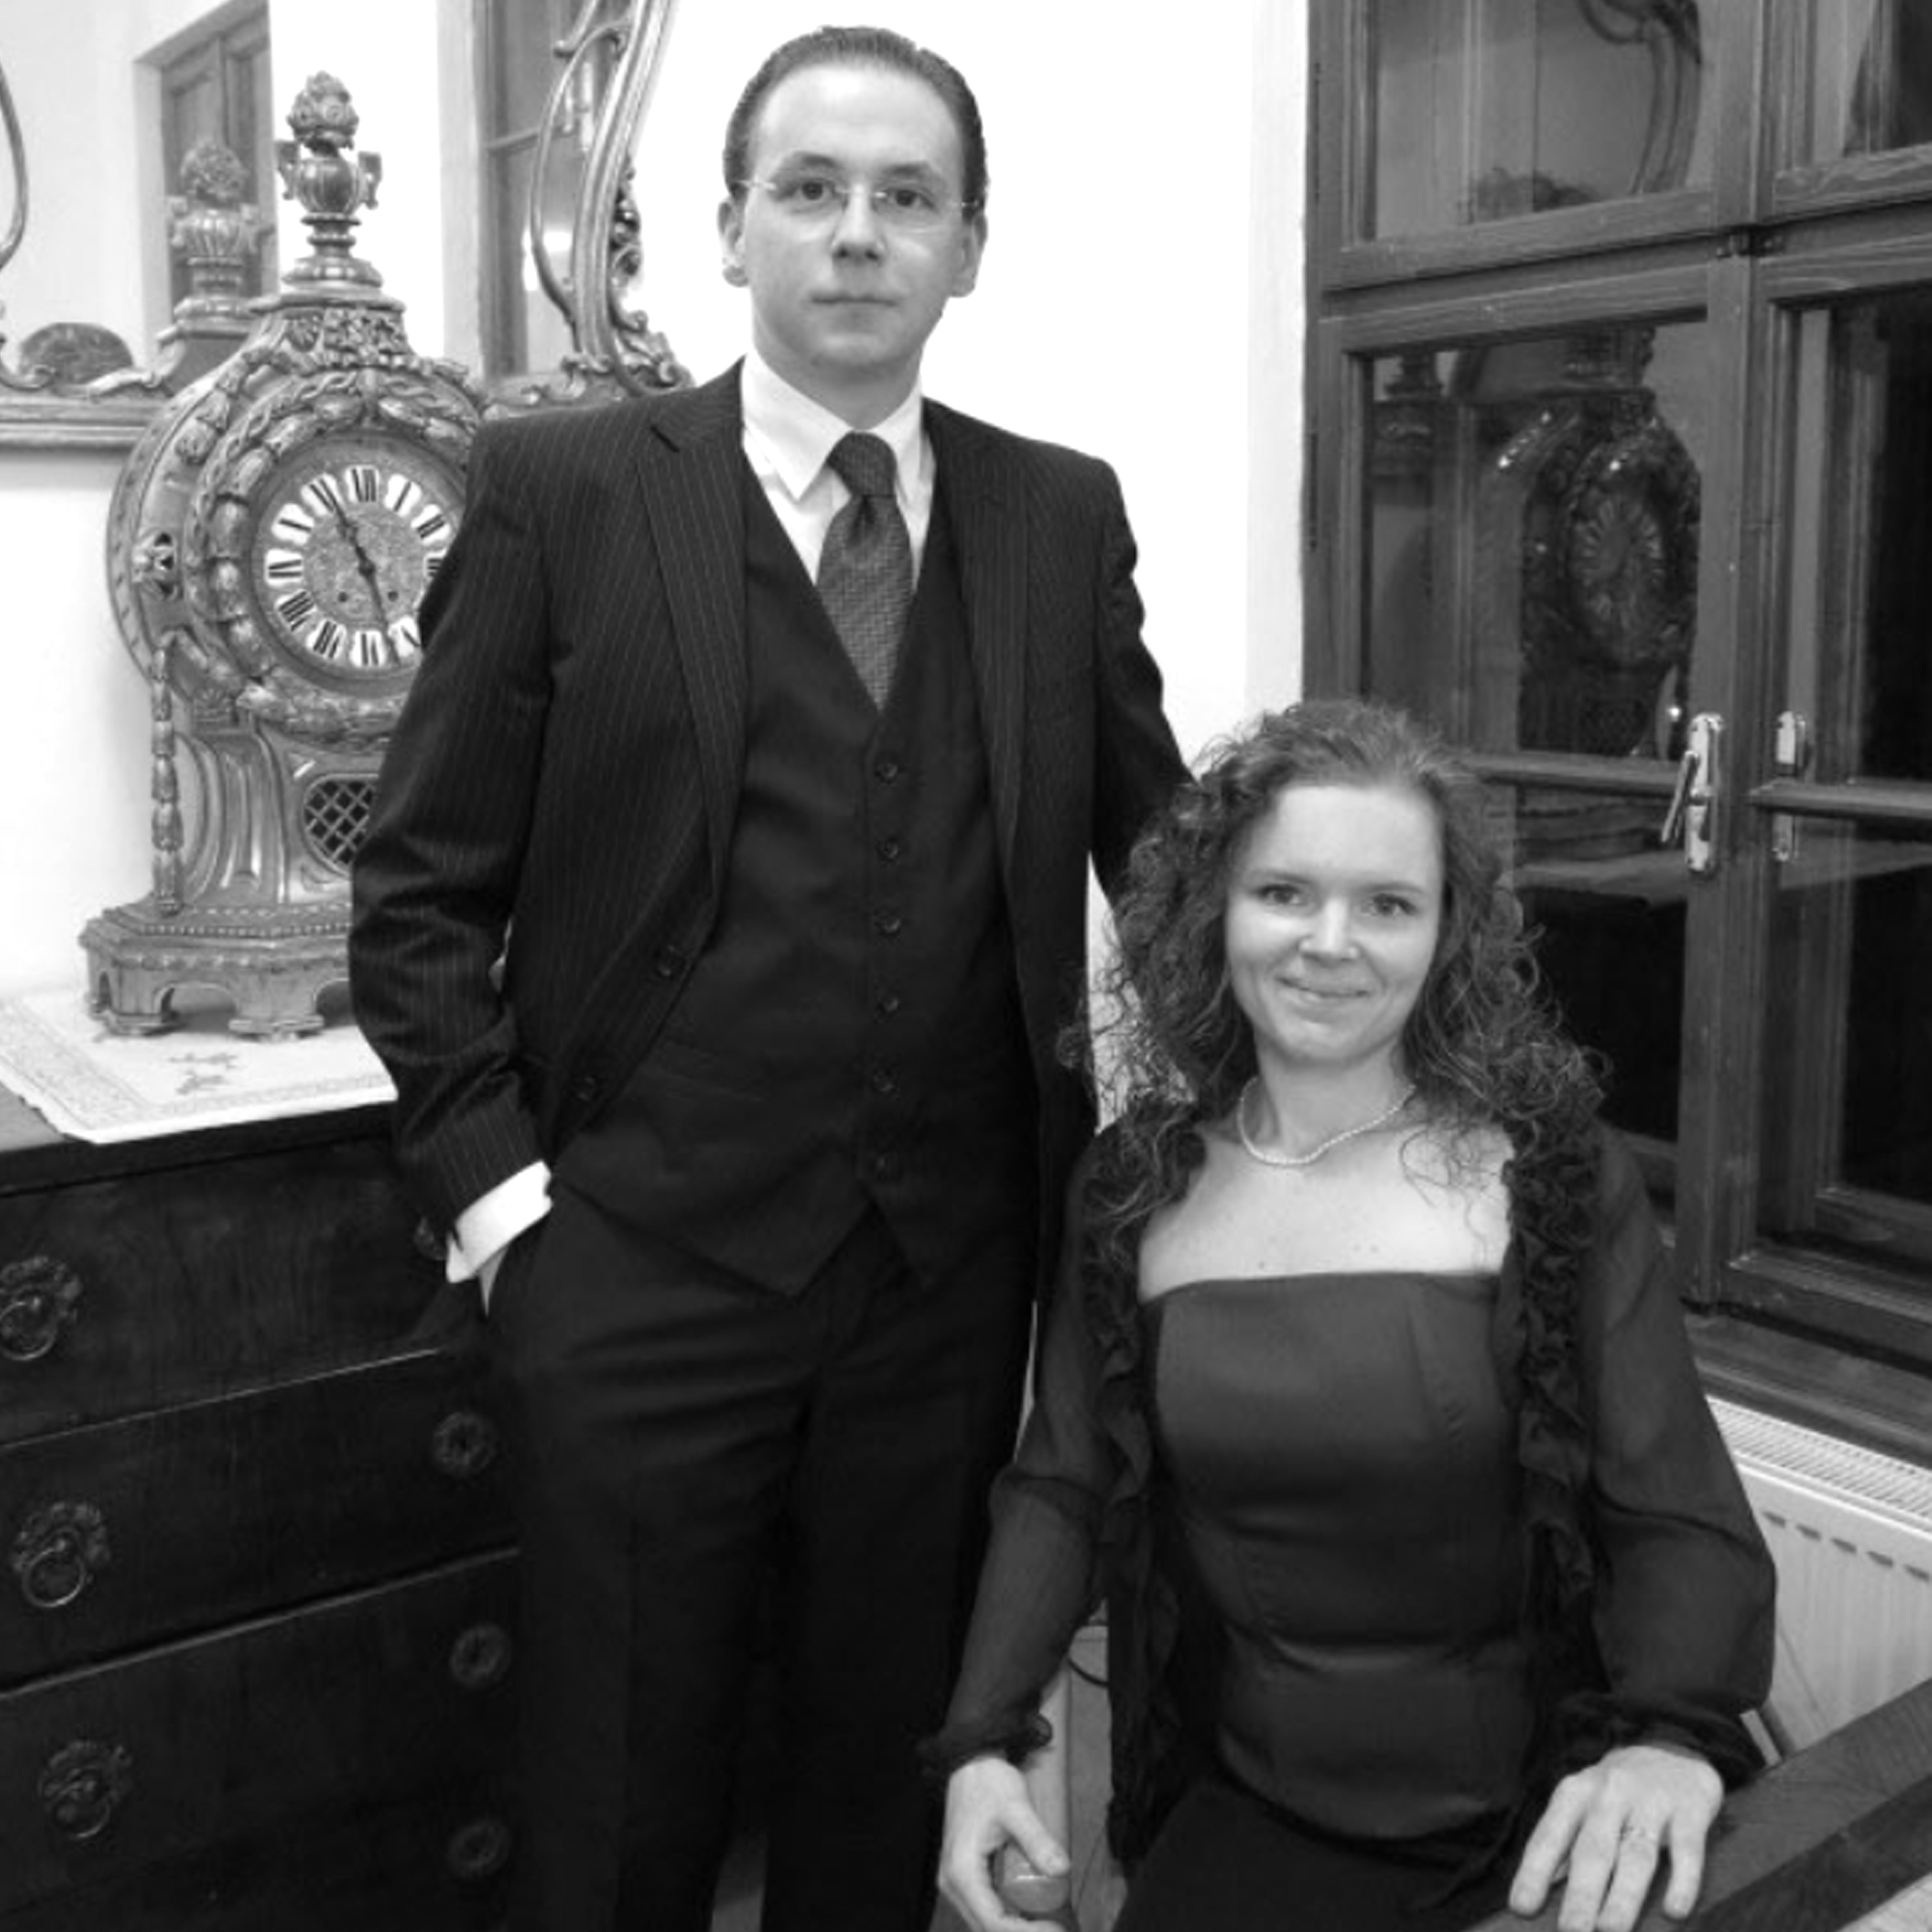 Kontrabasista FILIP JARO a klaviristka XÉNIA JAROVÁ pôsobia ako KONCERTNÉ DUO od roku 2011. S hudobnou ideou objavovania a spoločného súznenia oživujú diela zabudnutých KONTRABASOVÝCH VIRTUÓZOV a slovenský i svetový KOMORNÝ REPERTOÁR.